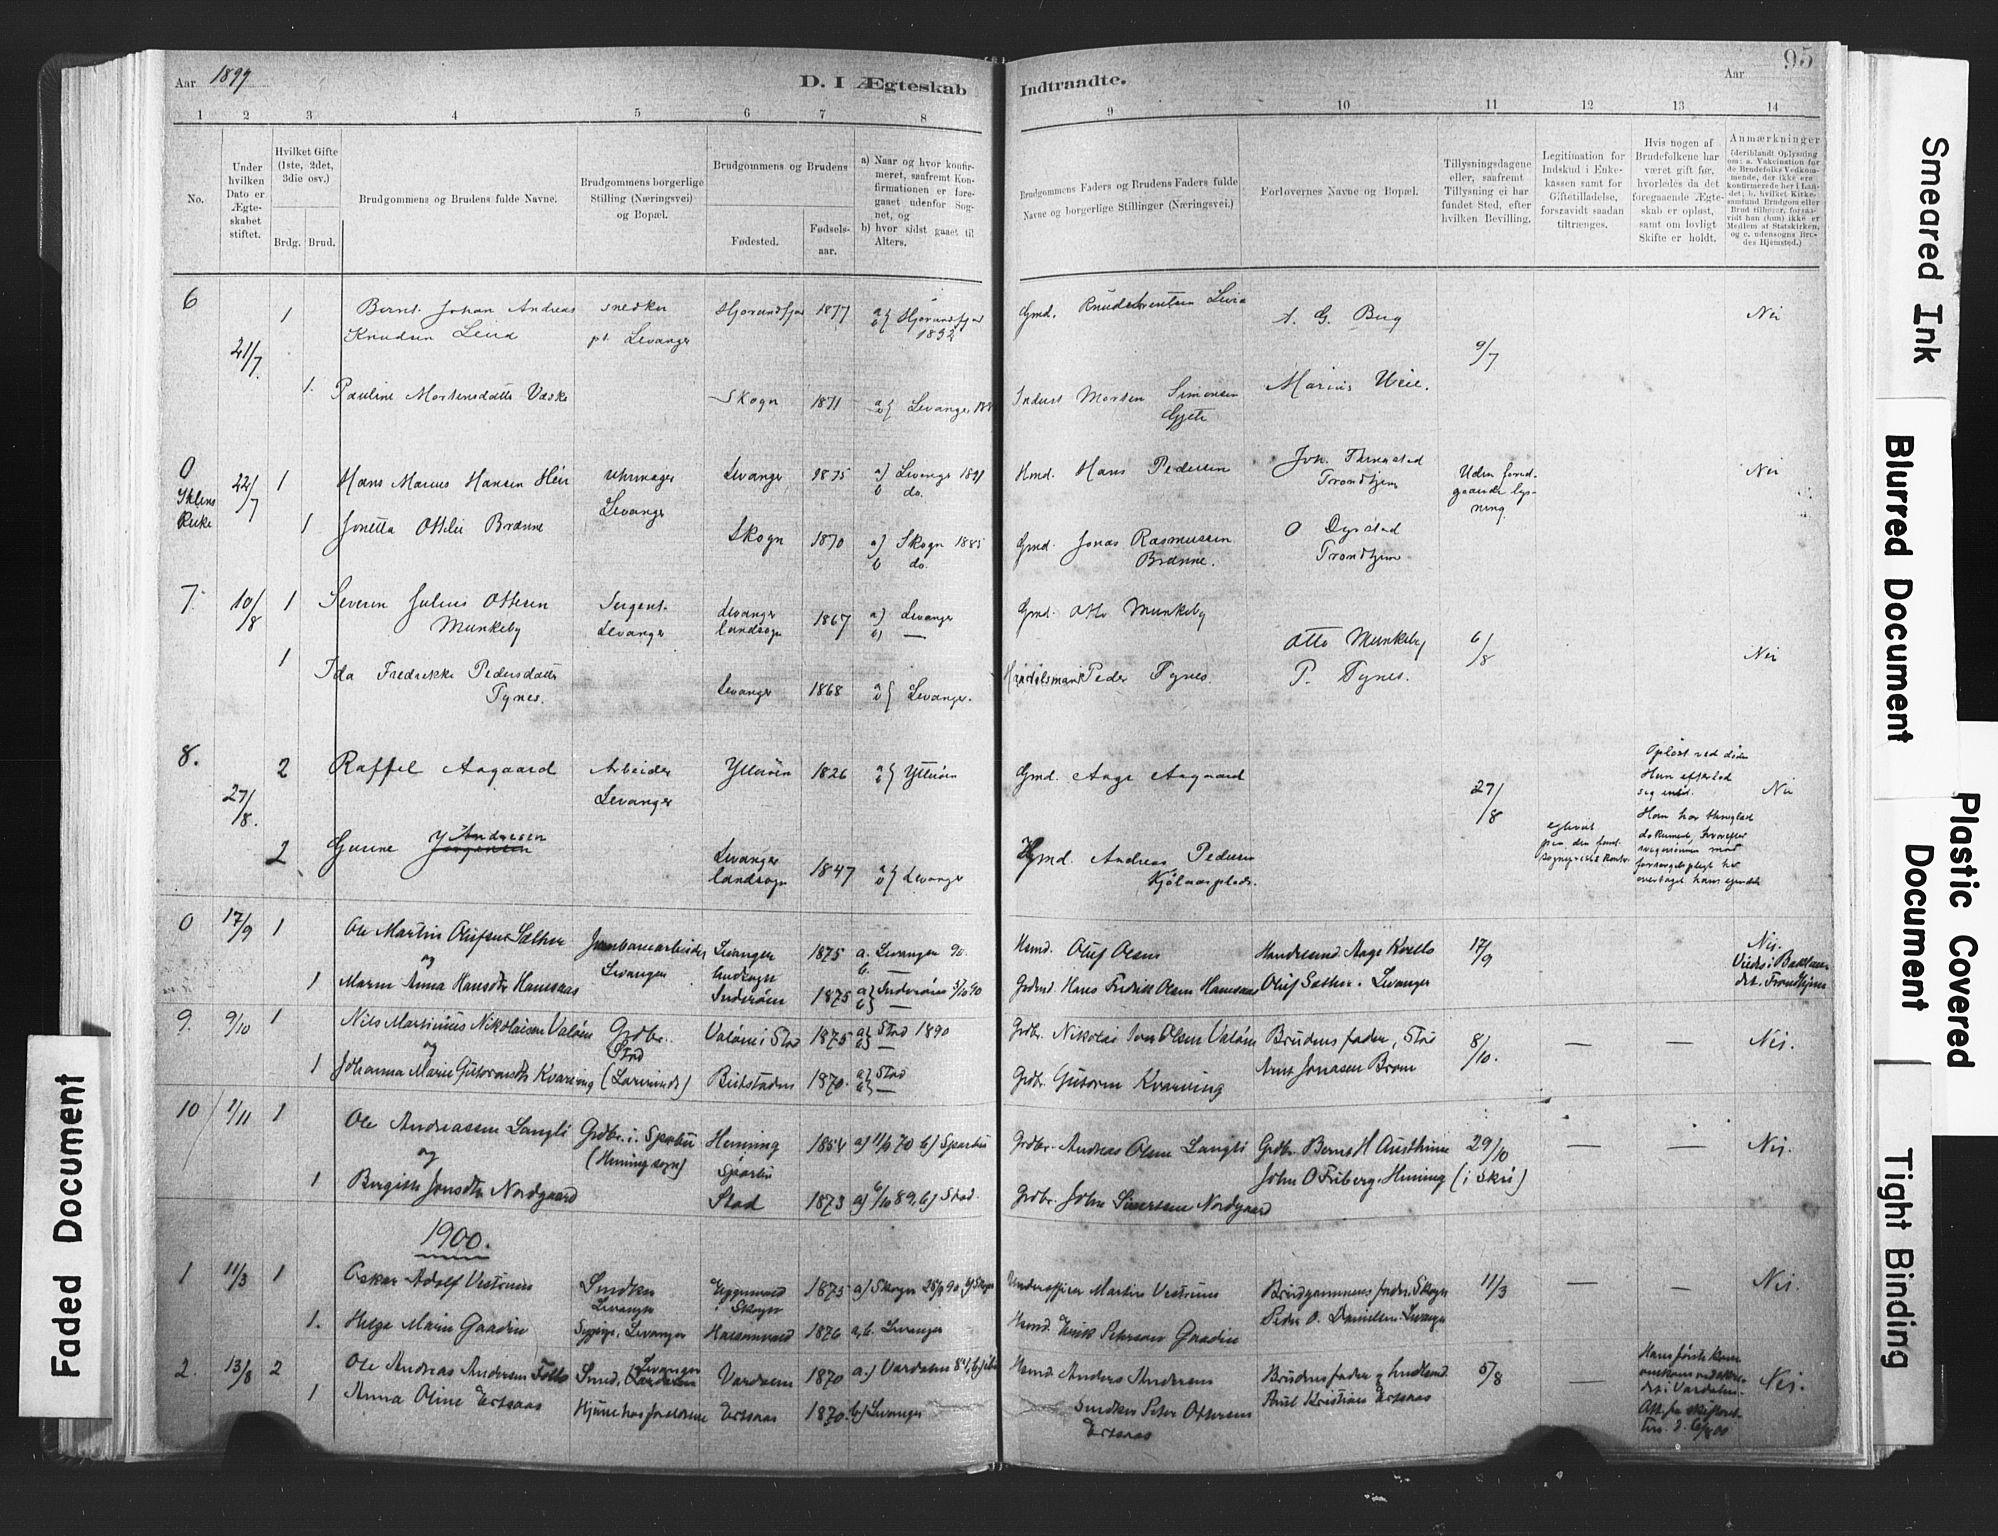 SAT, Ministerialprotokoller, klokkerbøker og fødselsregistre - Nord-Trøndelag, 720/L0189: Ministerialbok nr. 720A05, 1880-1911, s. 95